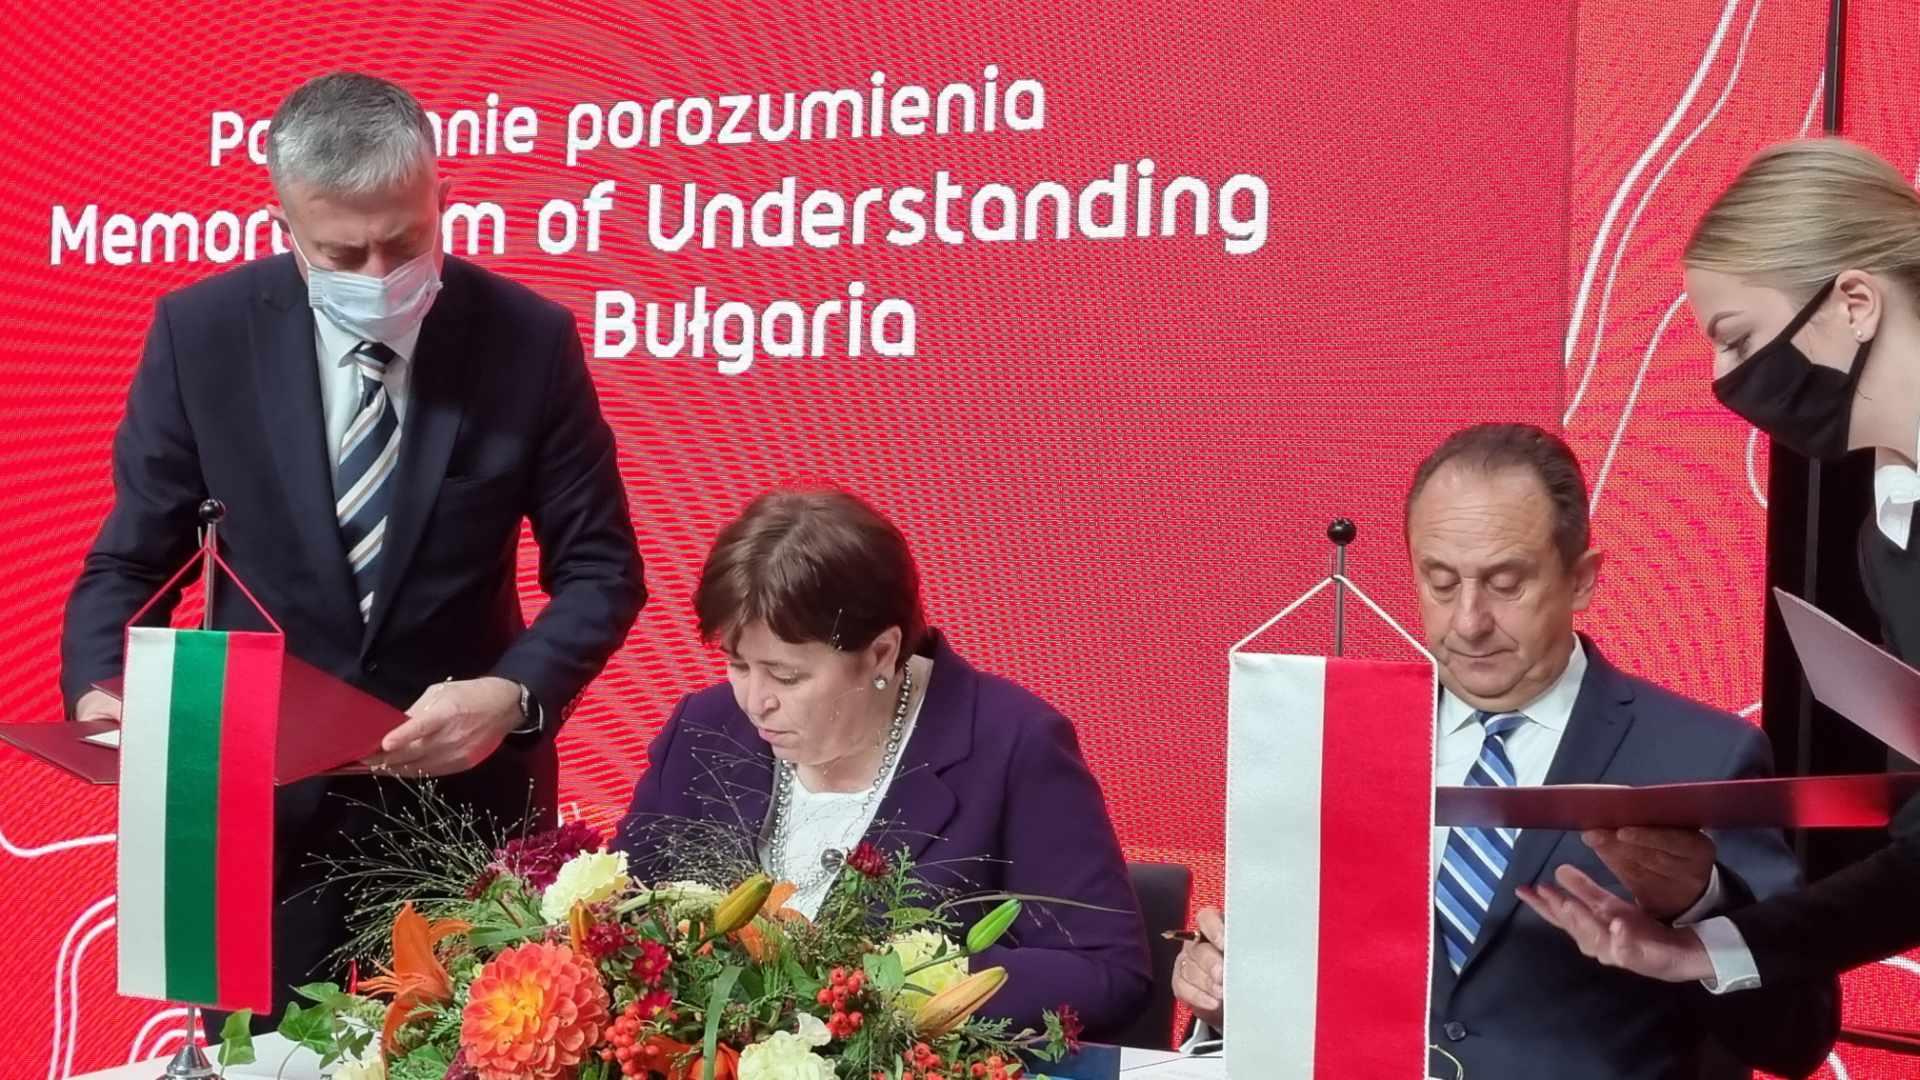 minister turystyki Bułgarii Stela Baltova porozumienie targi - Magdalena Konieczna